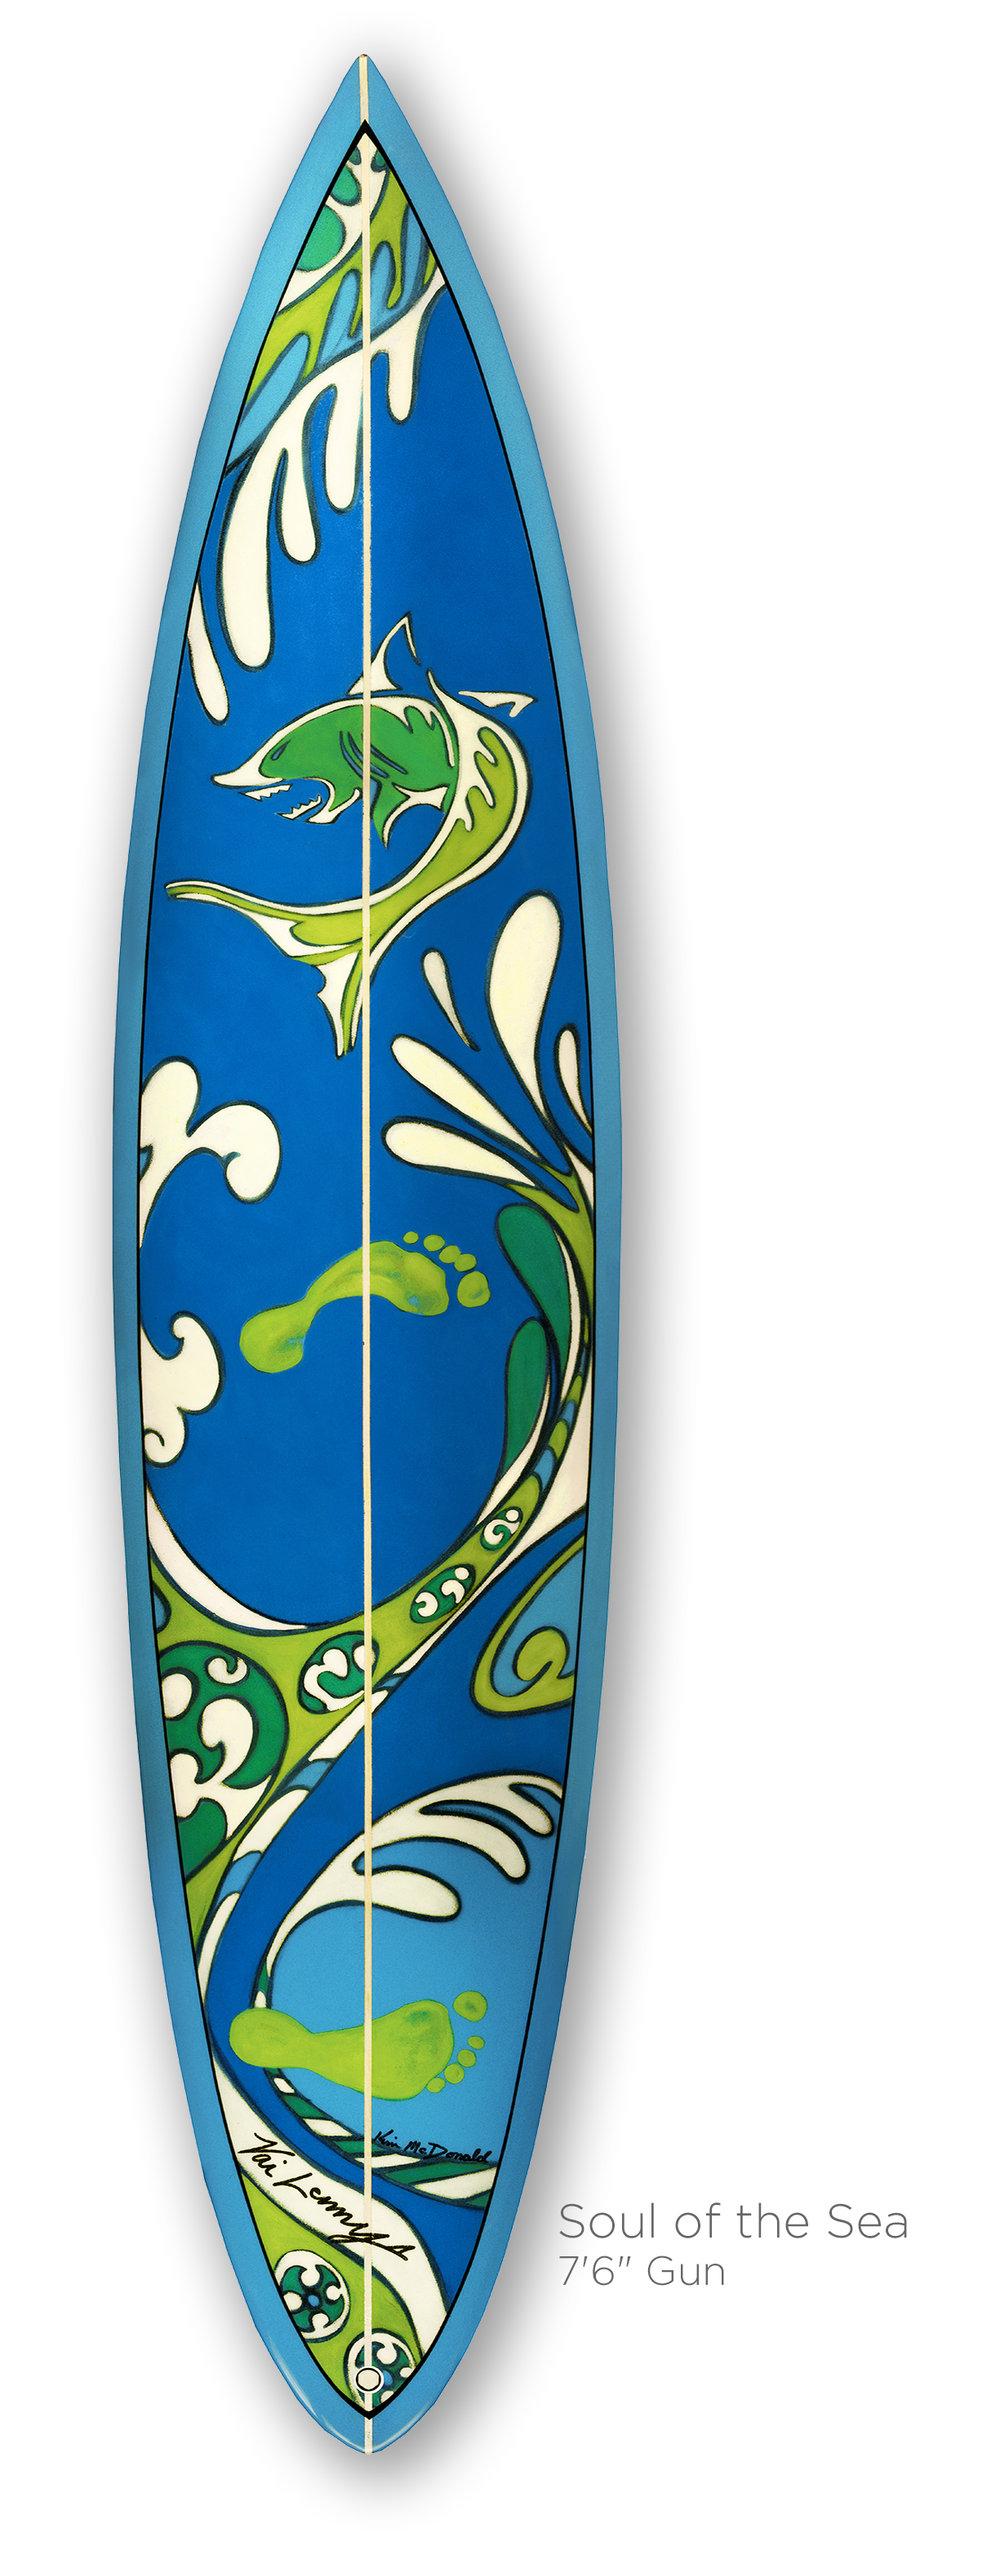 kim-mcdonald-kai-lenny auction kai board.jpg